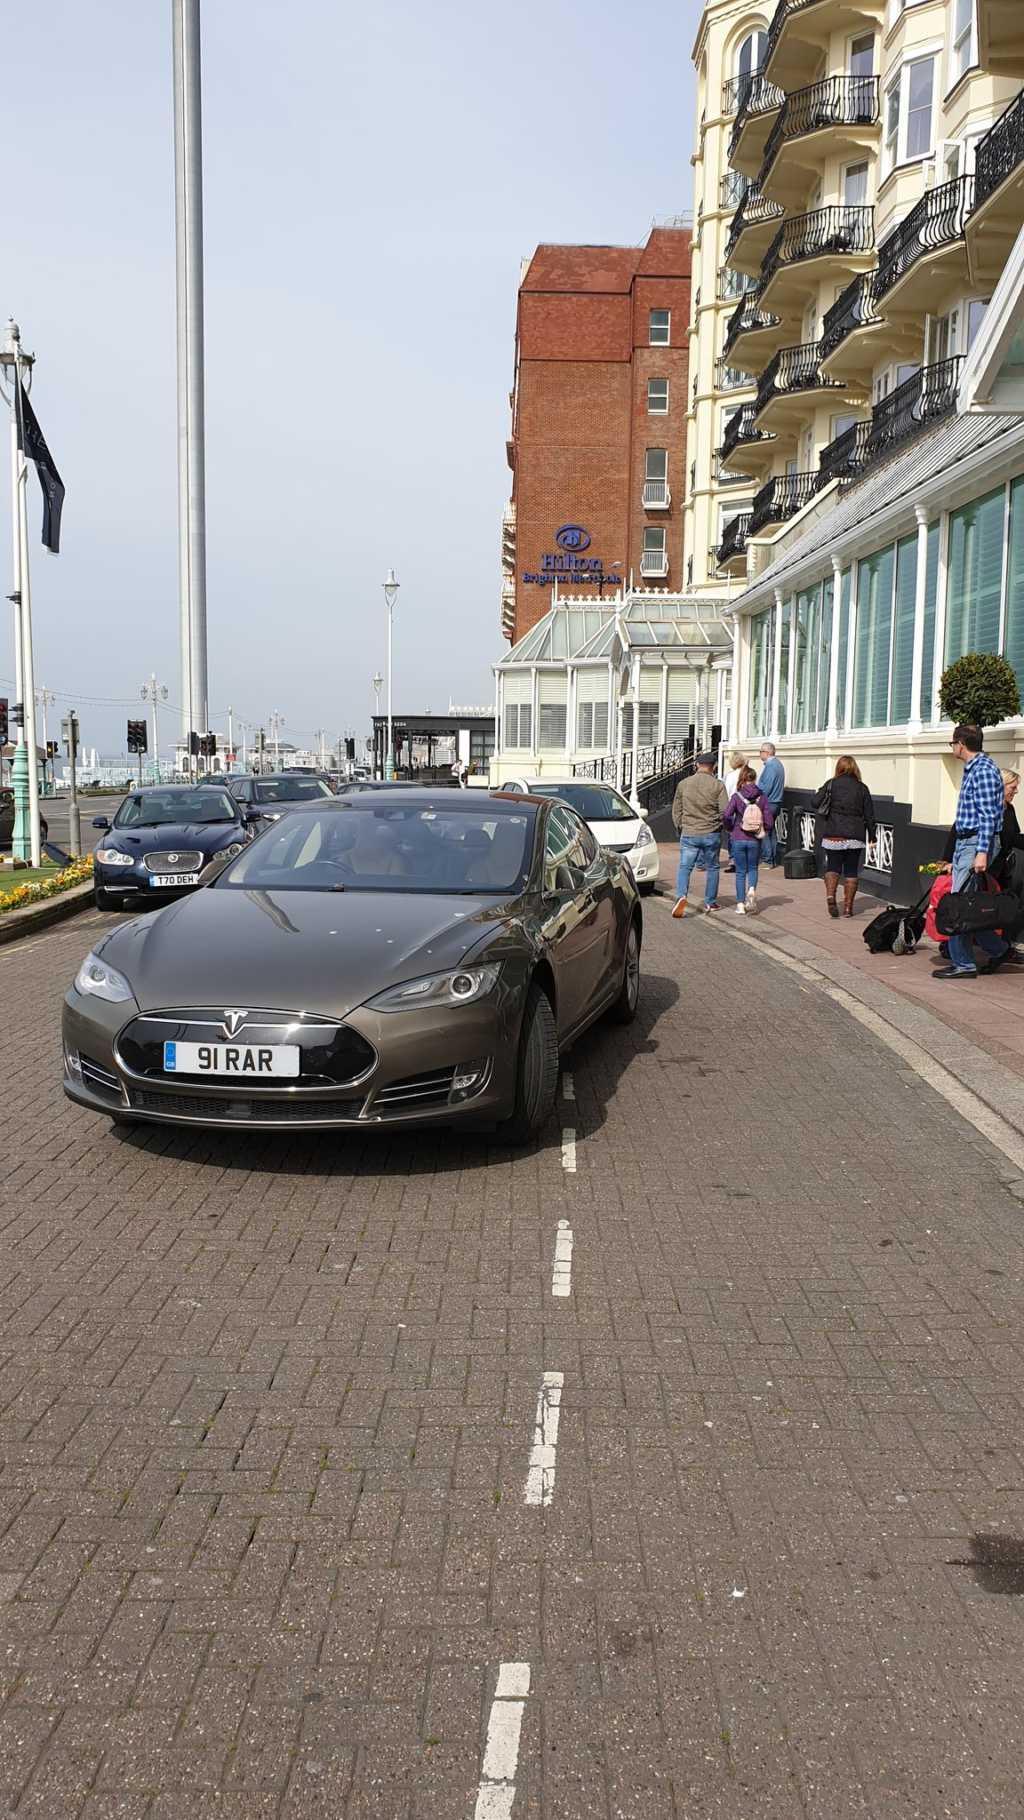 91 RAR displaying Selfish Parking